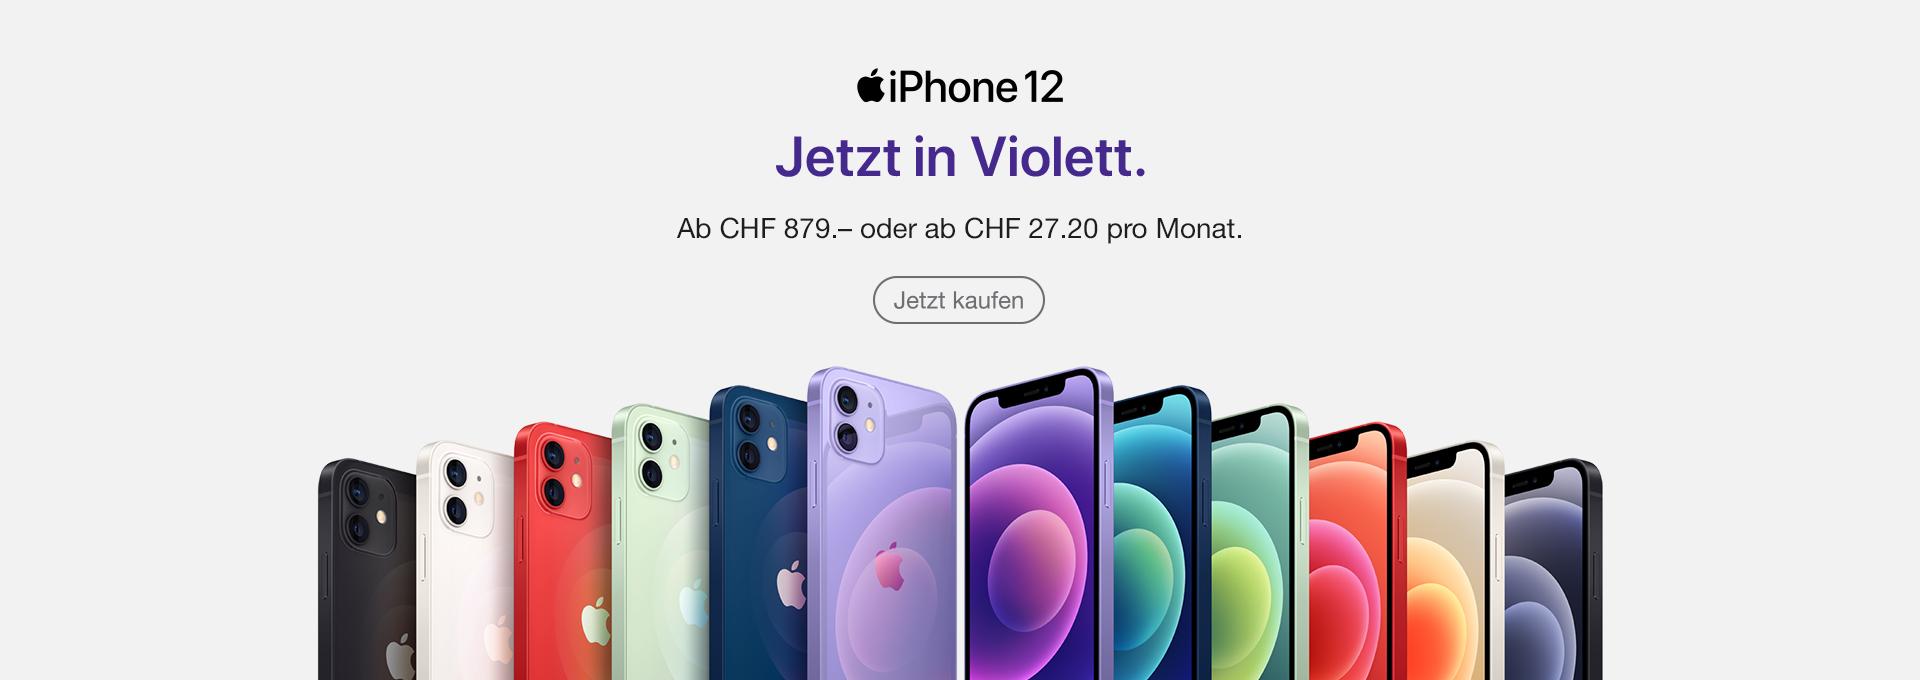 Slider Apple iPhone 12 purple